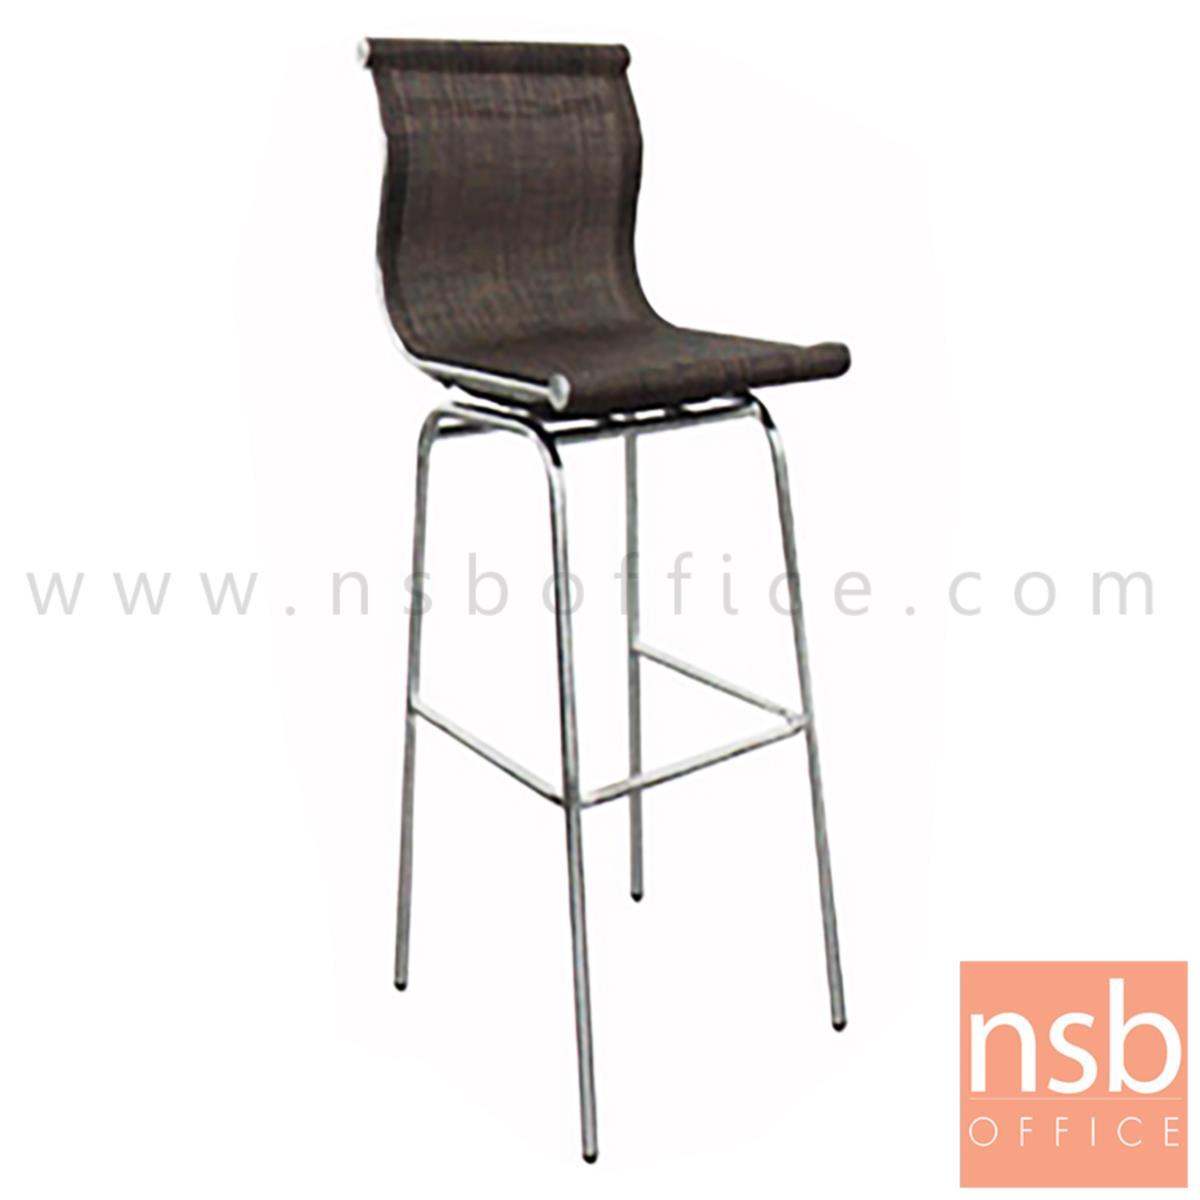 B09A101:เก้าอี้บาร์สูงผ้าเน็ต รุ่น BH-8818 ขนาด 39W cm. โครงเหล็กชุบโครเมี่ยม